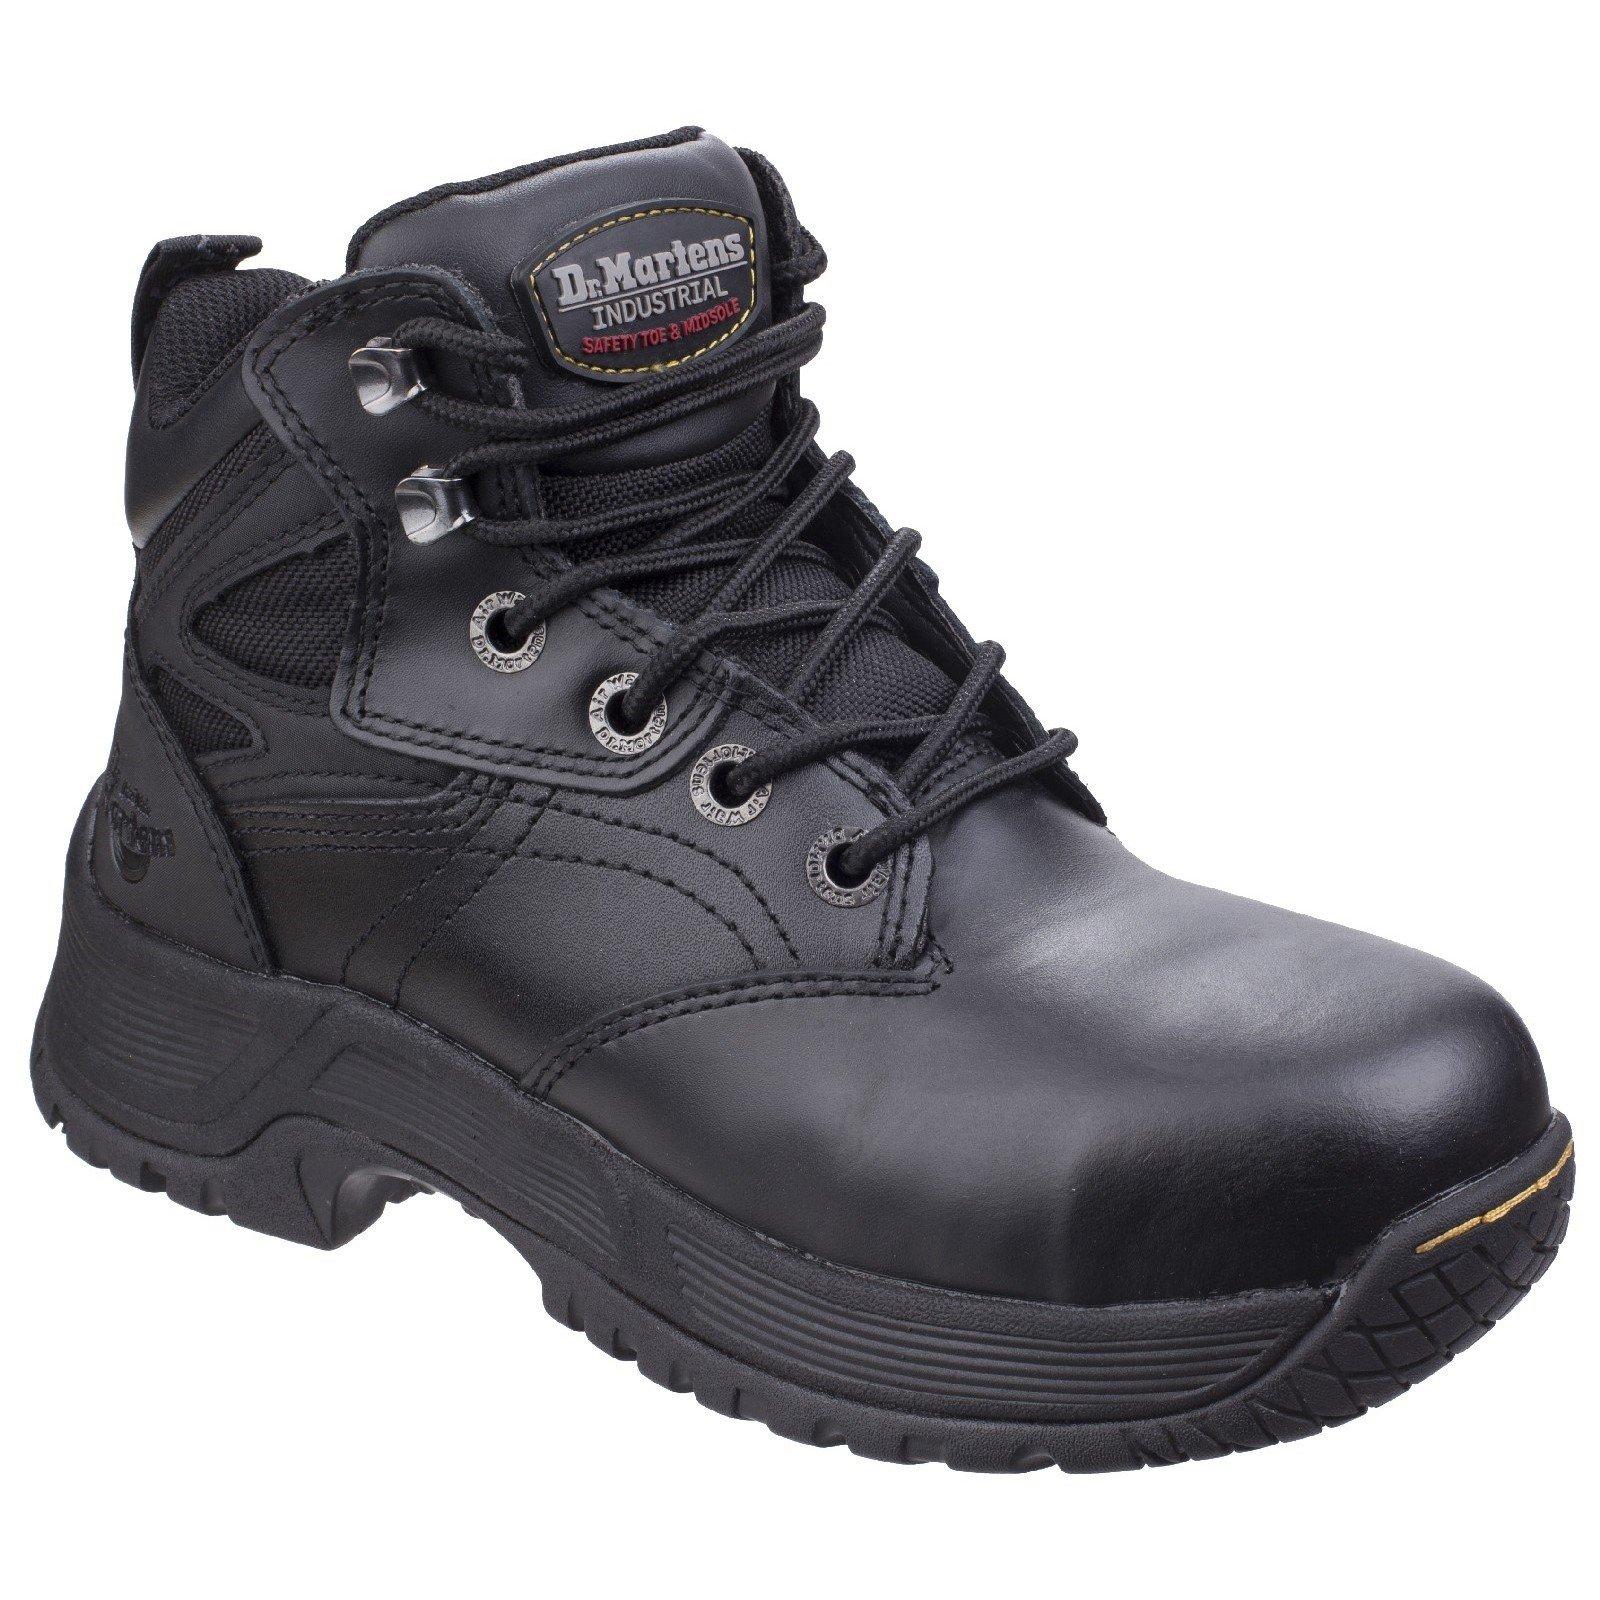 Dr Martens Men's Torness Safety Boot Black 26020 - Black 5